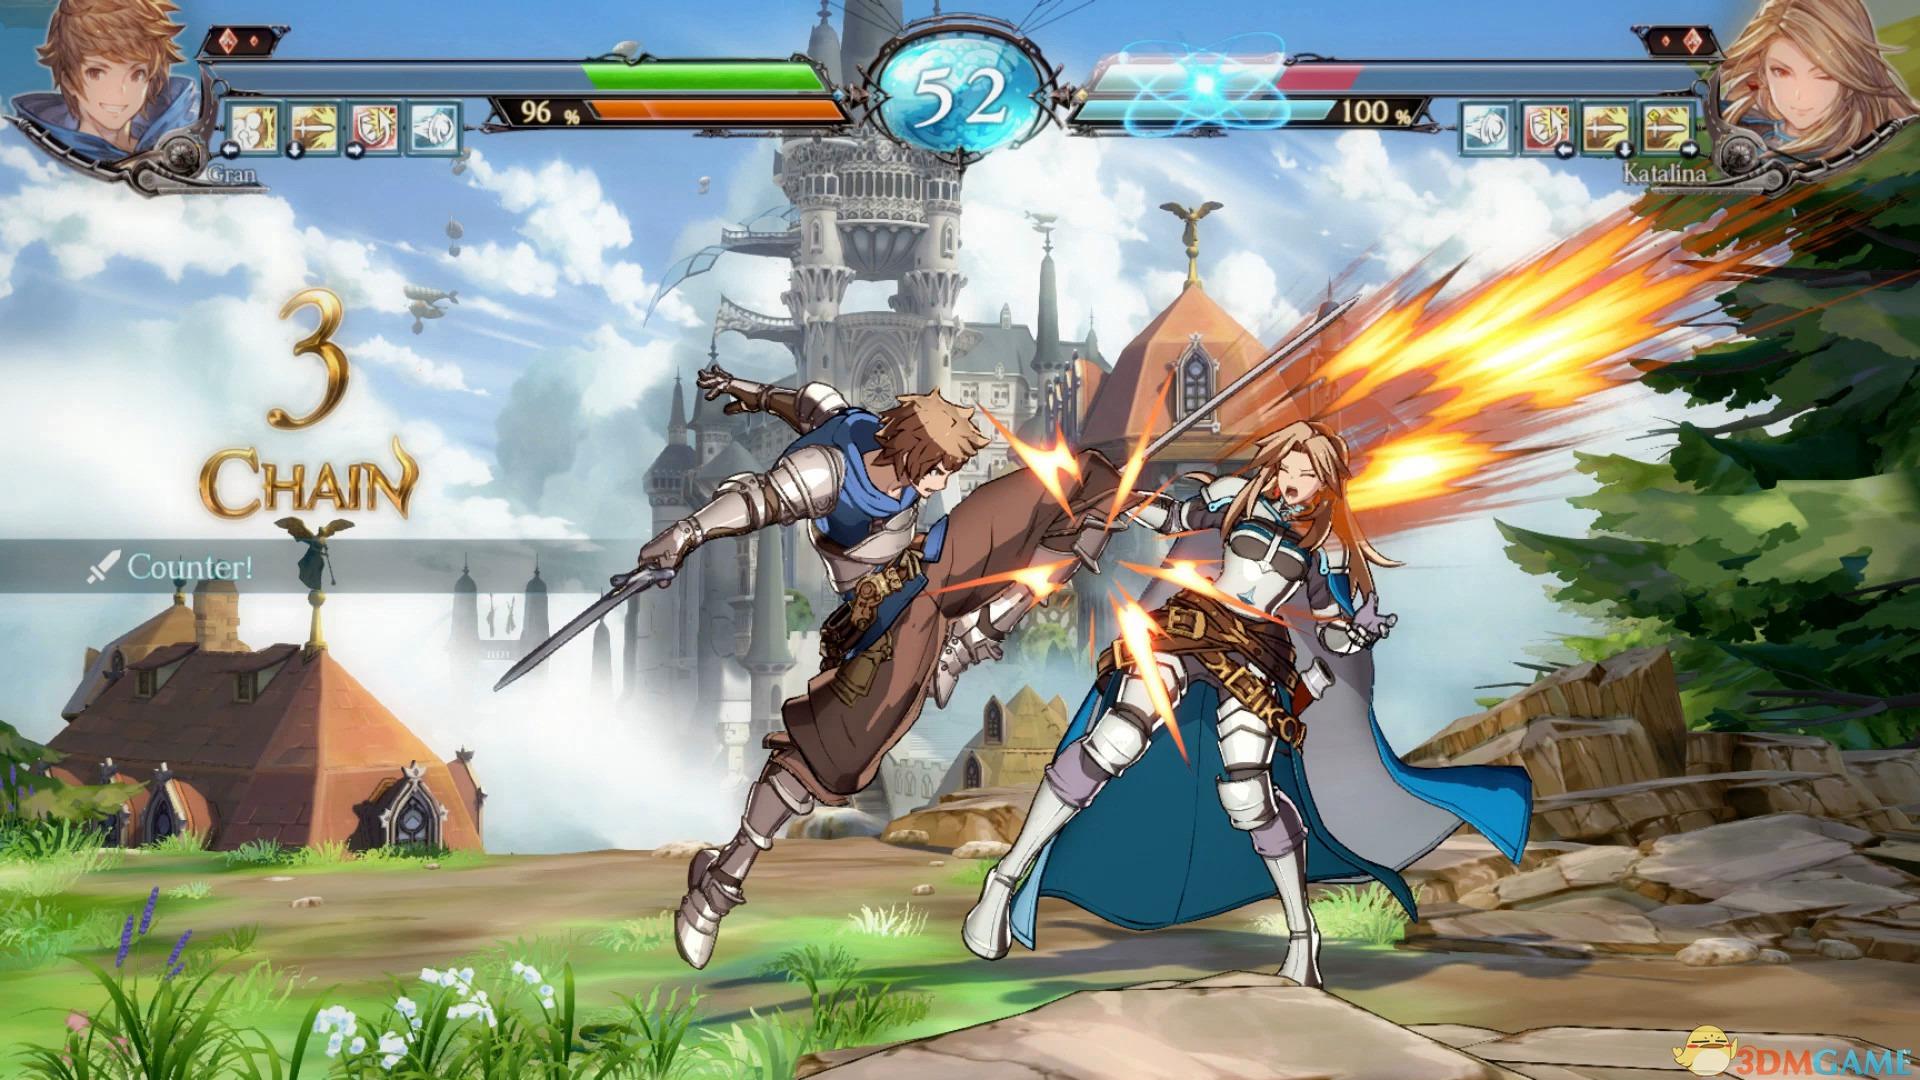 《碧蓝幻想Versus》全剧情流程攻略 全关卡通关流程及boss战视频